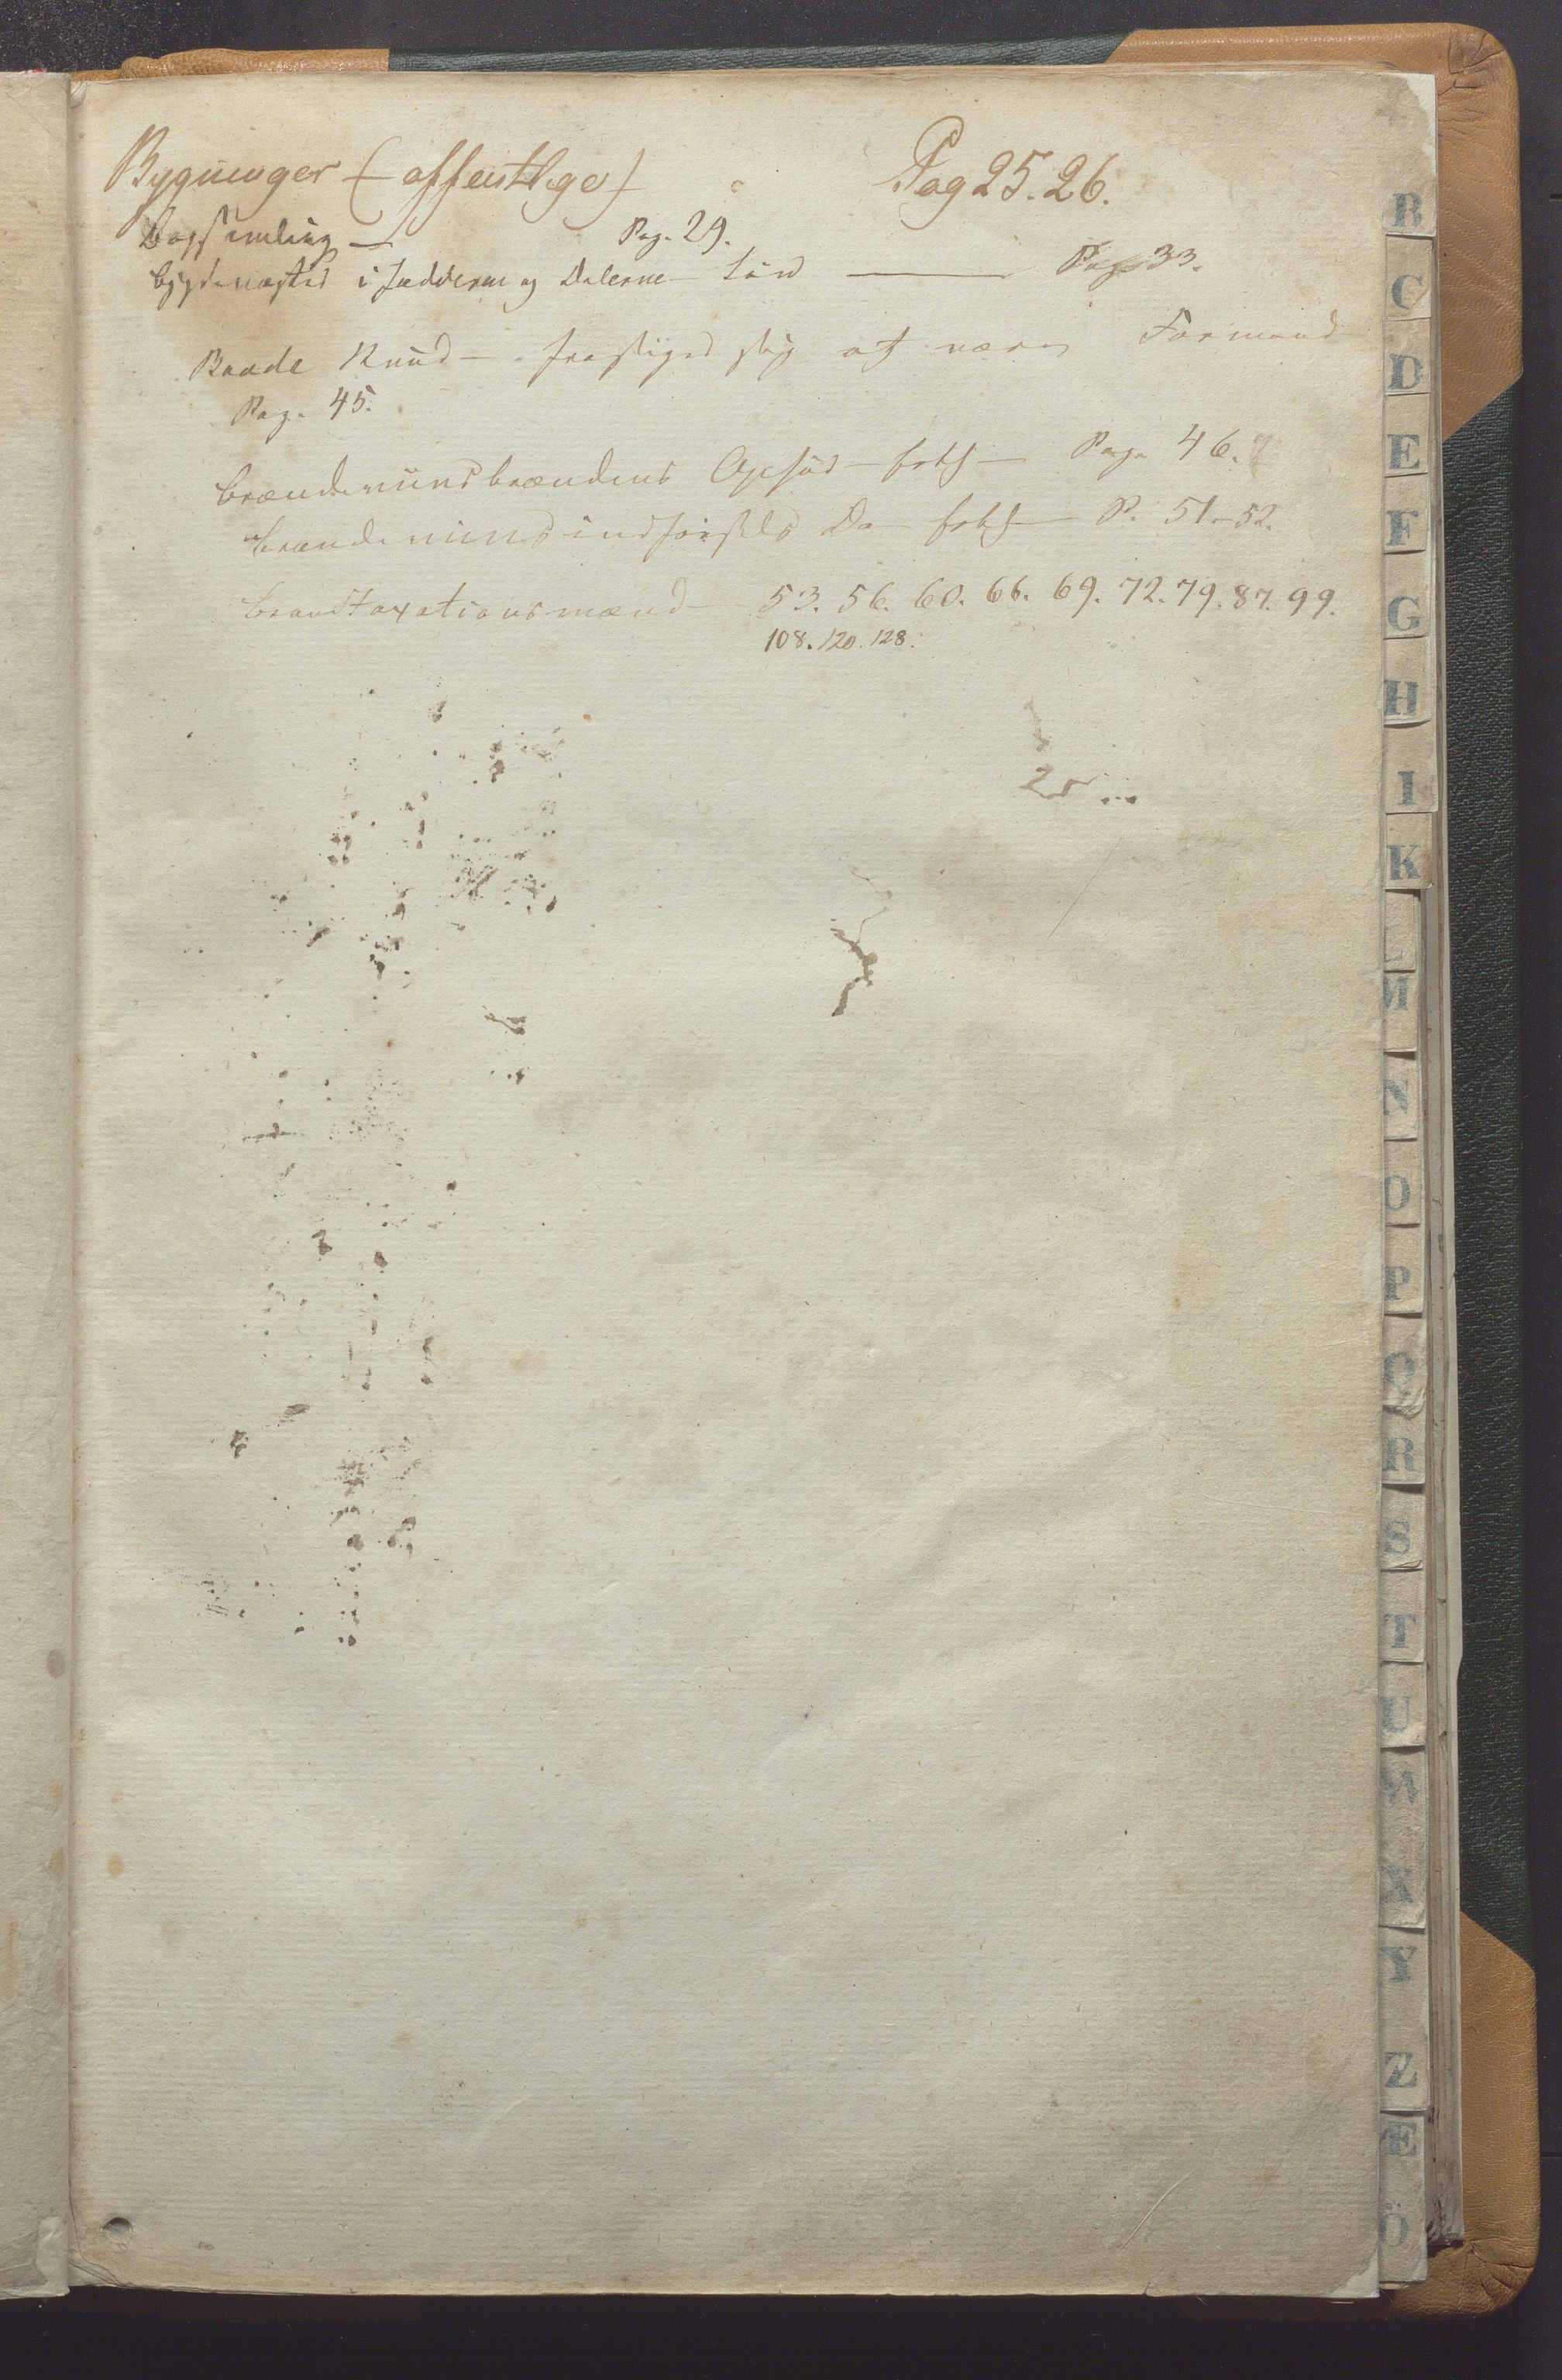 IKAR, Vikedal kommune - Formannskapet, Aaa/L0001: Møtebok, 1837-1874, p. 2